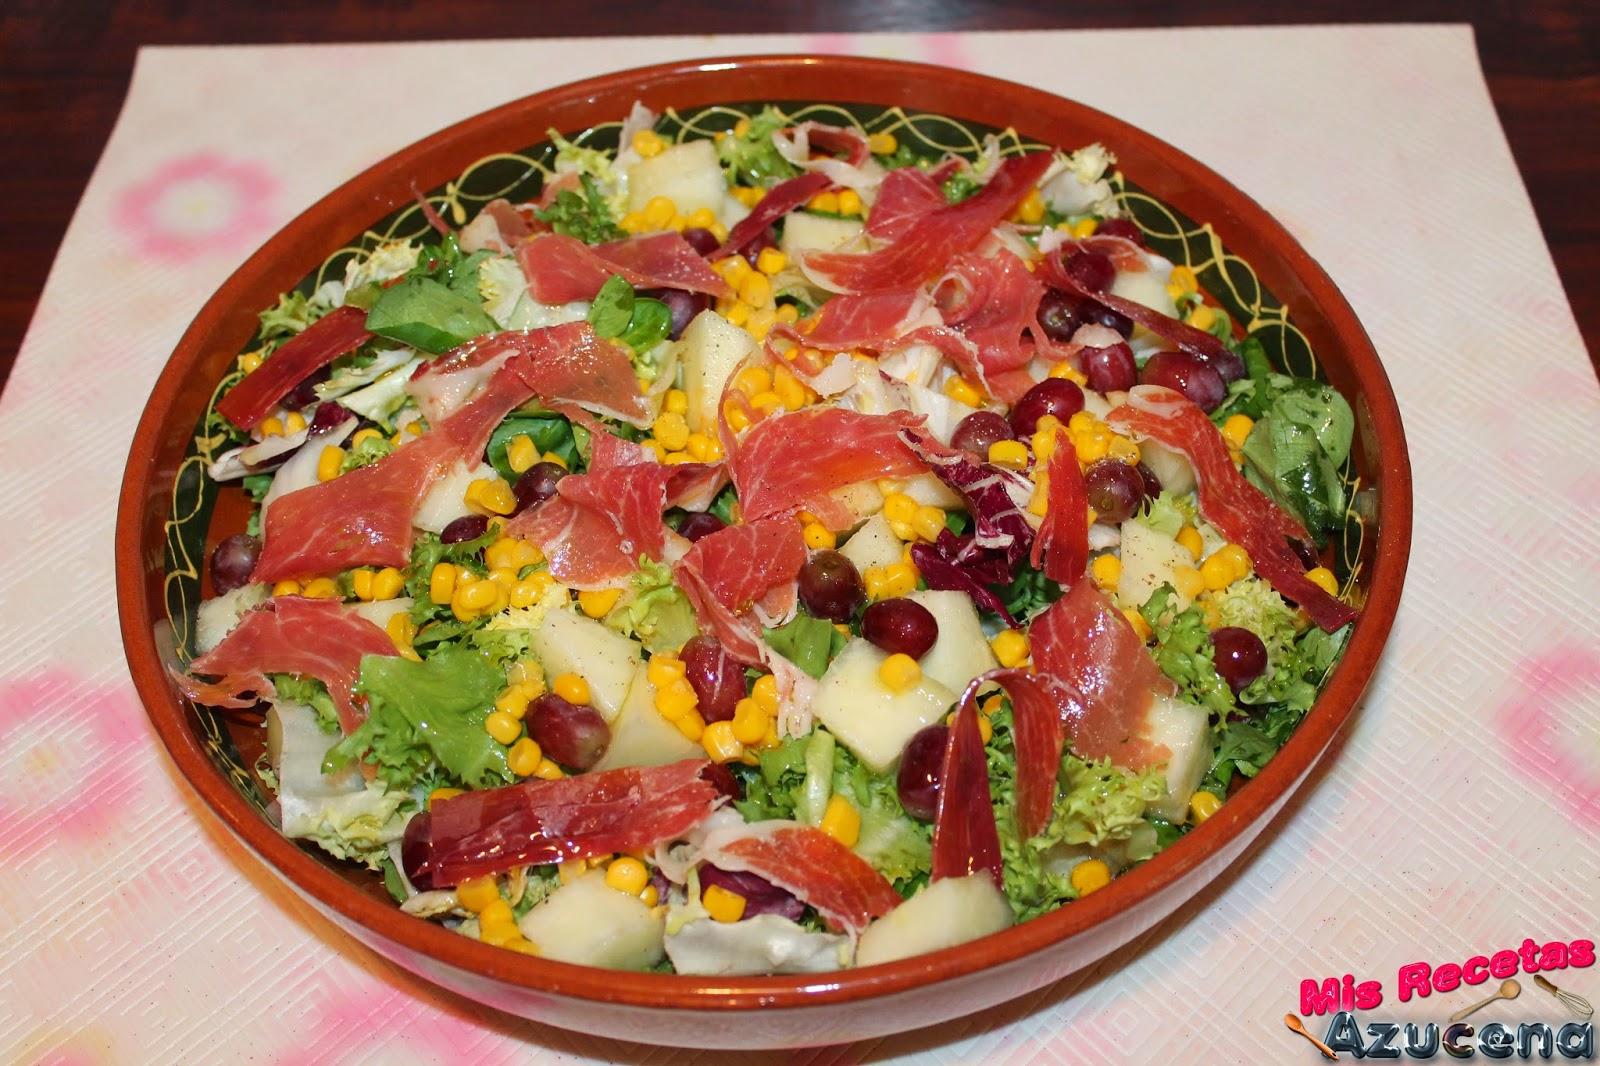 Ensalada de hojas verdes, frutas y jamón.